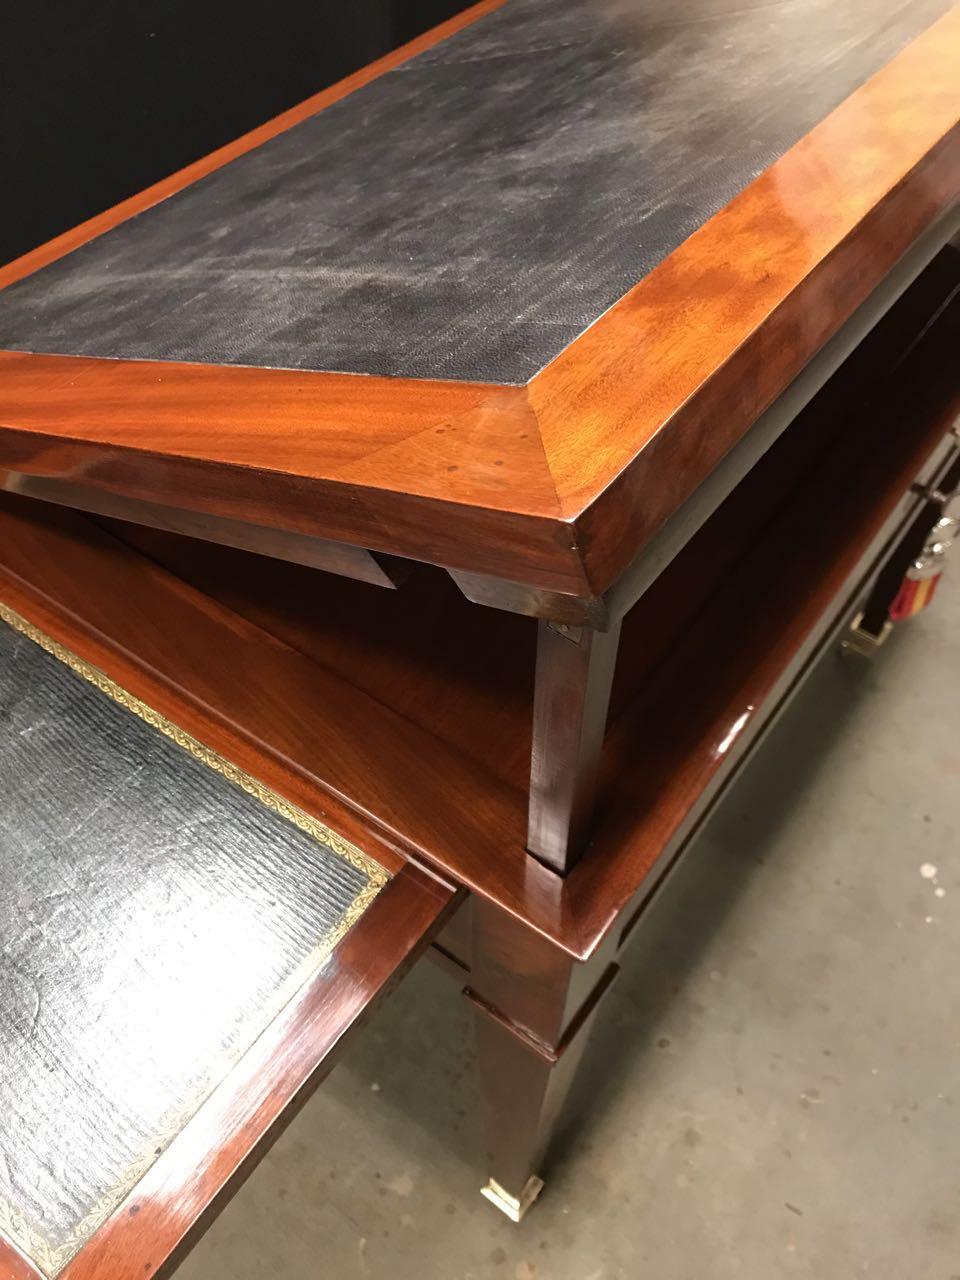 table dArchitecte dite à la Tronchin Epoque Louis XVI de forme rectangulaire en acajou et placage dacajou 9Atelier Patrice Bricout Marcq en Baroeul | Atelier Patrice Bricout